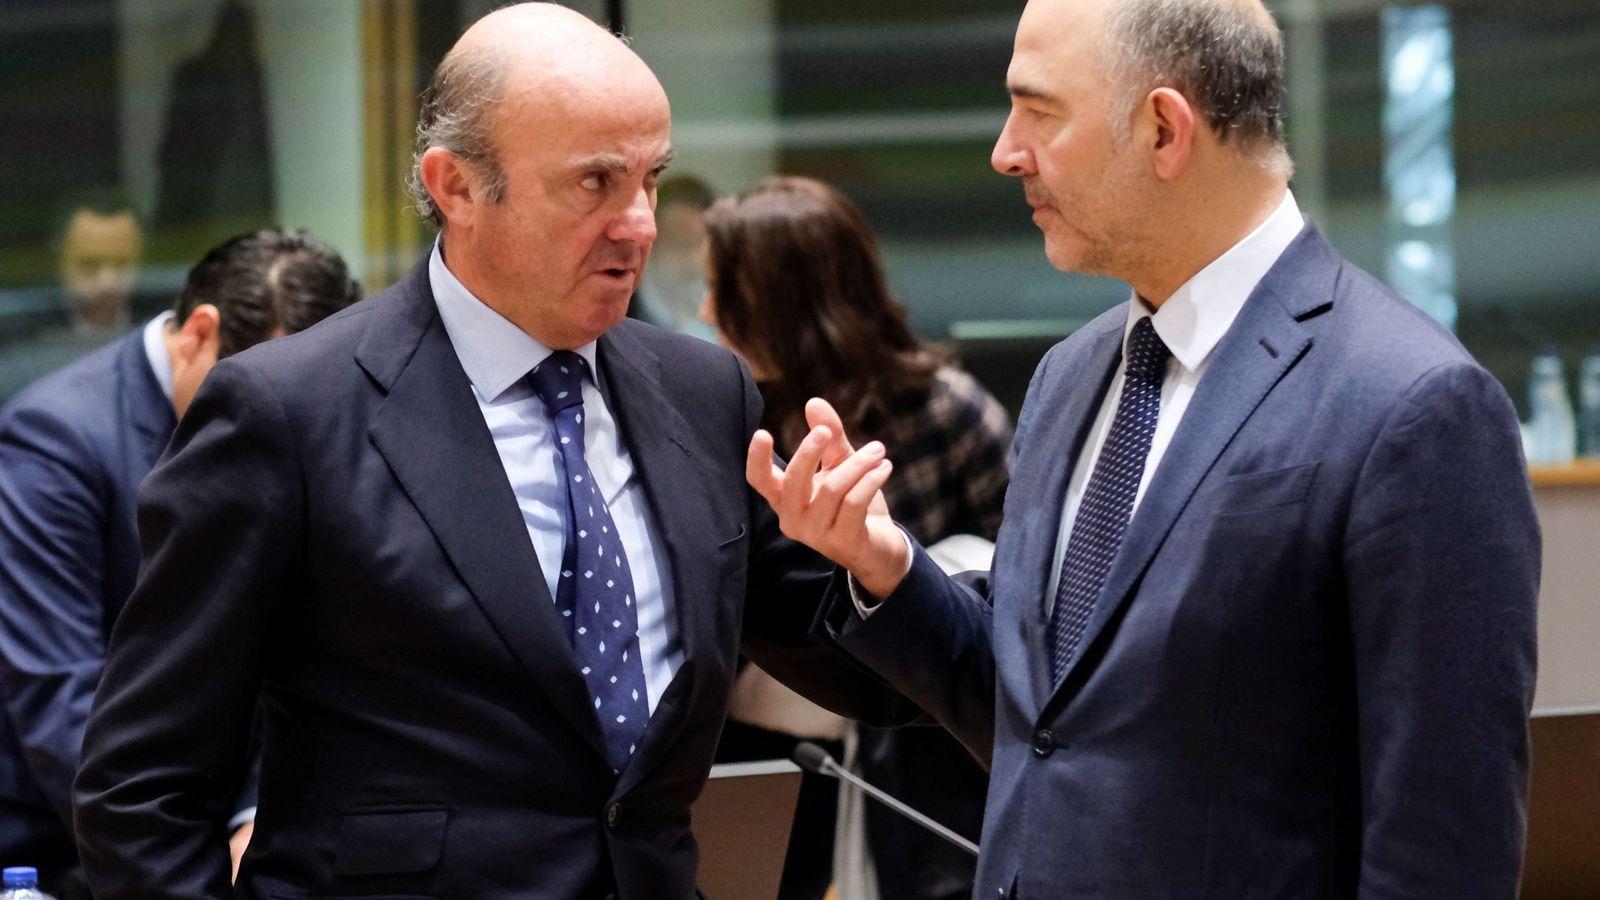 Foto: El ministro español de Economía, Luis de Guindos (izq), conversa con el comisario europeo de Economía y Asuntos Financieros, Pierre Moscovici. (EFE)